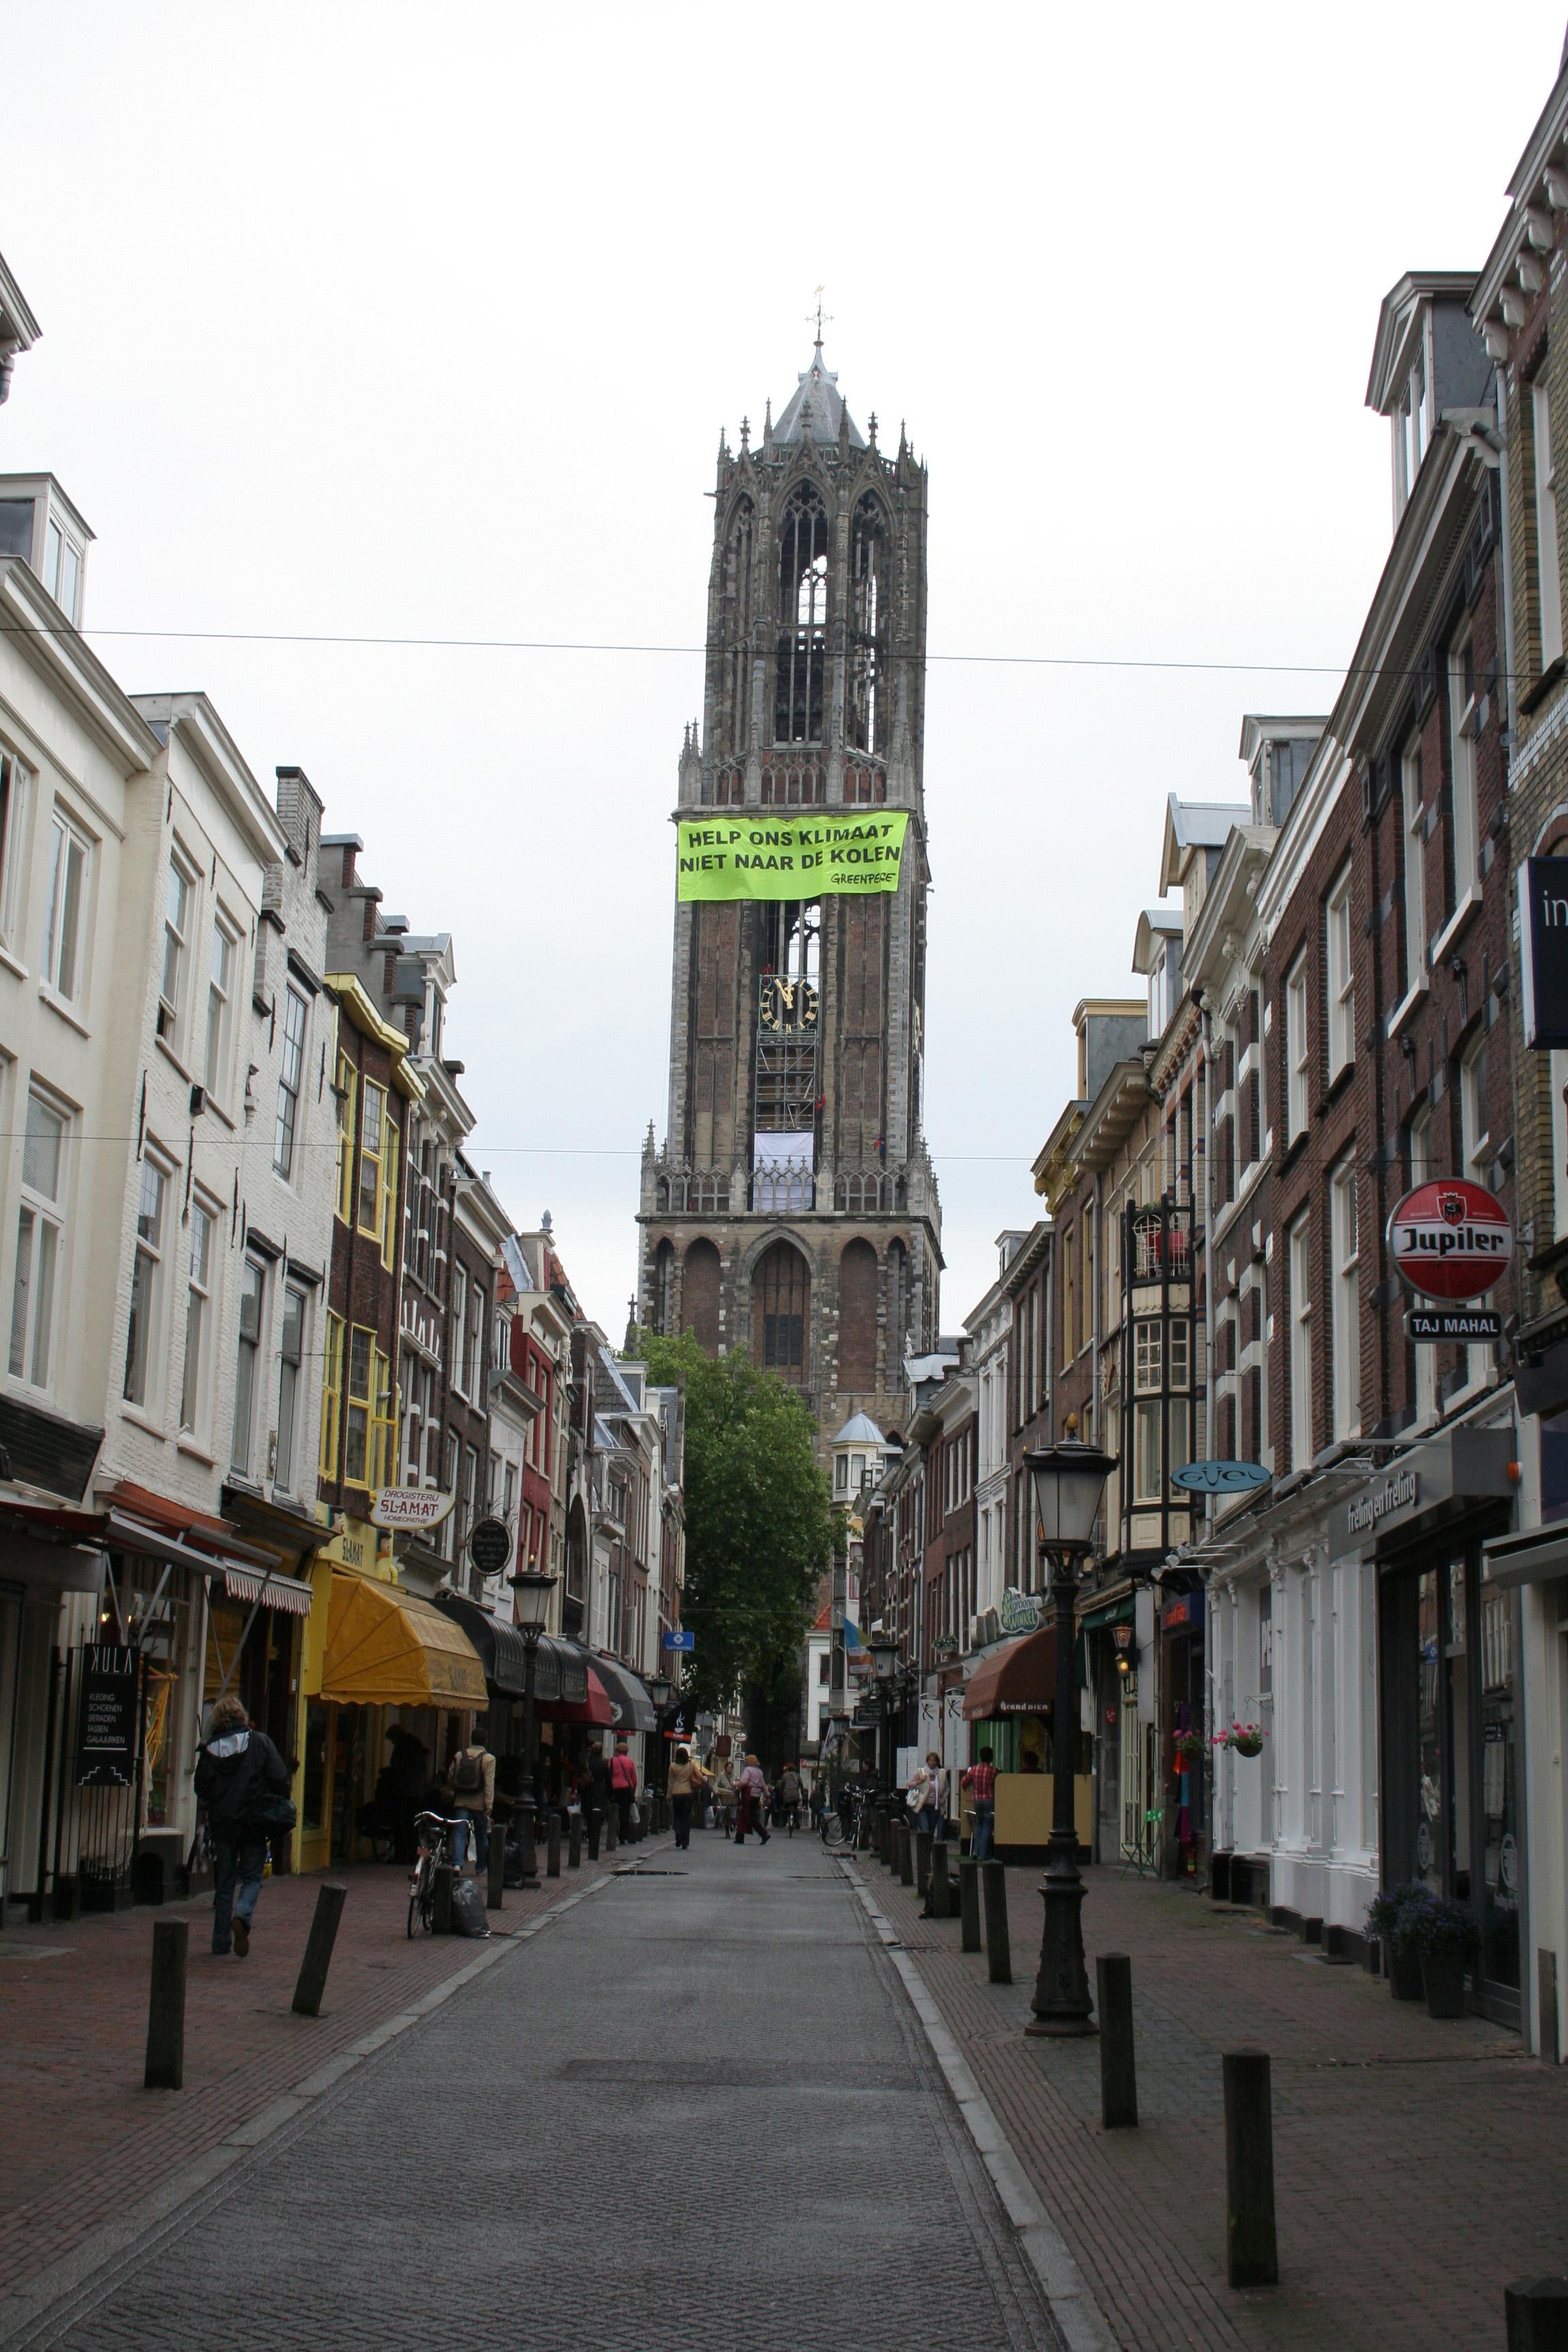 Domtoren Van Utrecht File:domtoren Utrecht